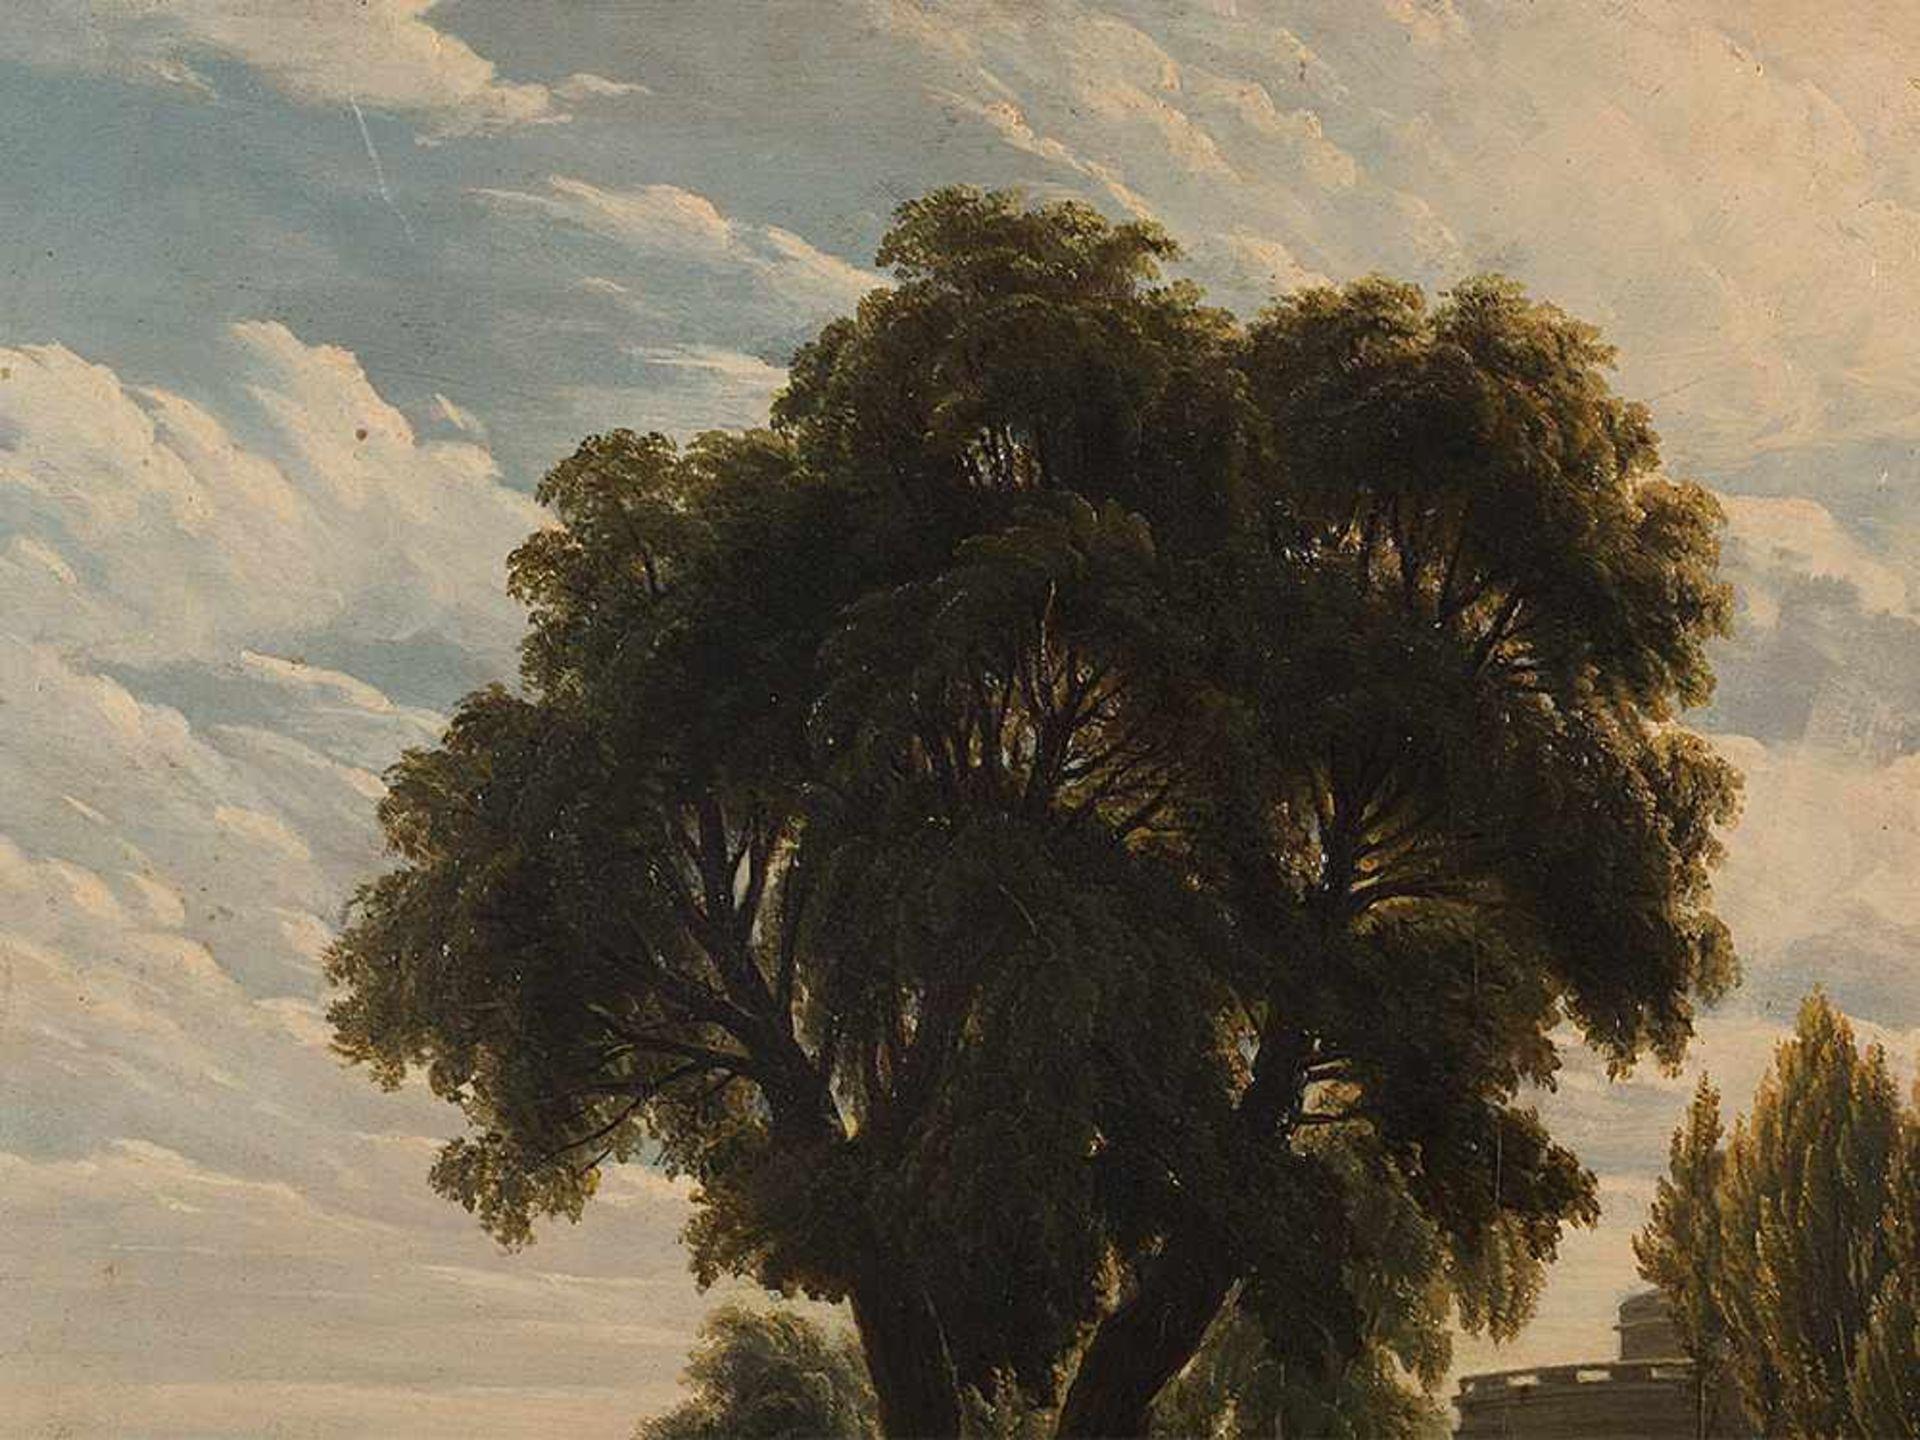 Los 61 - Arkadische Landschaft, Ölgemälde, Römische Schule, 19. Jh. Öl auf holz. römische Schule, 2.